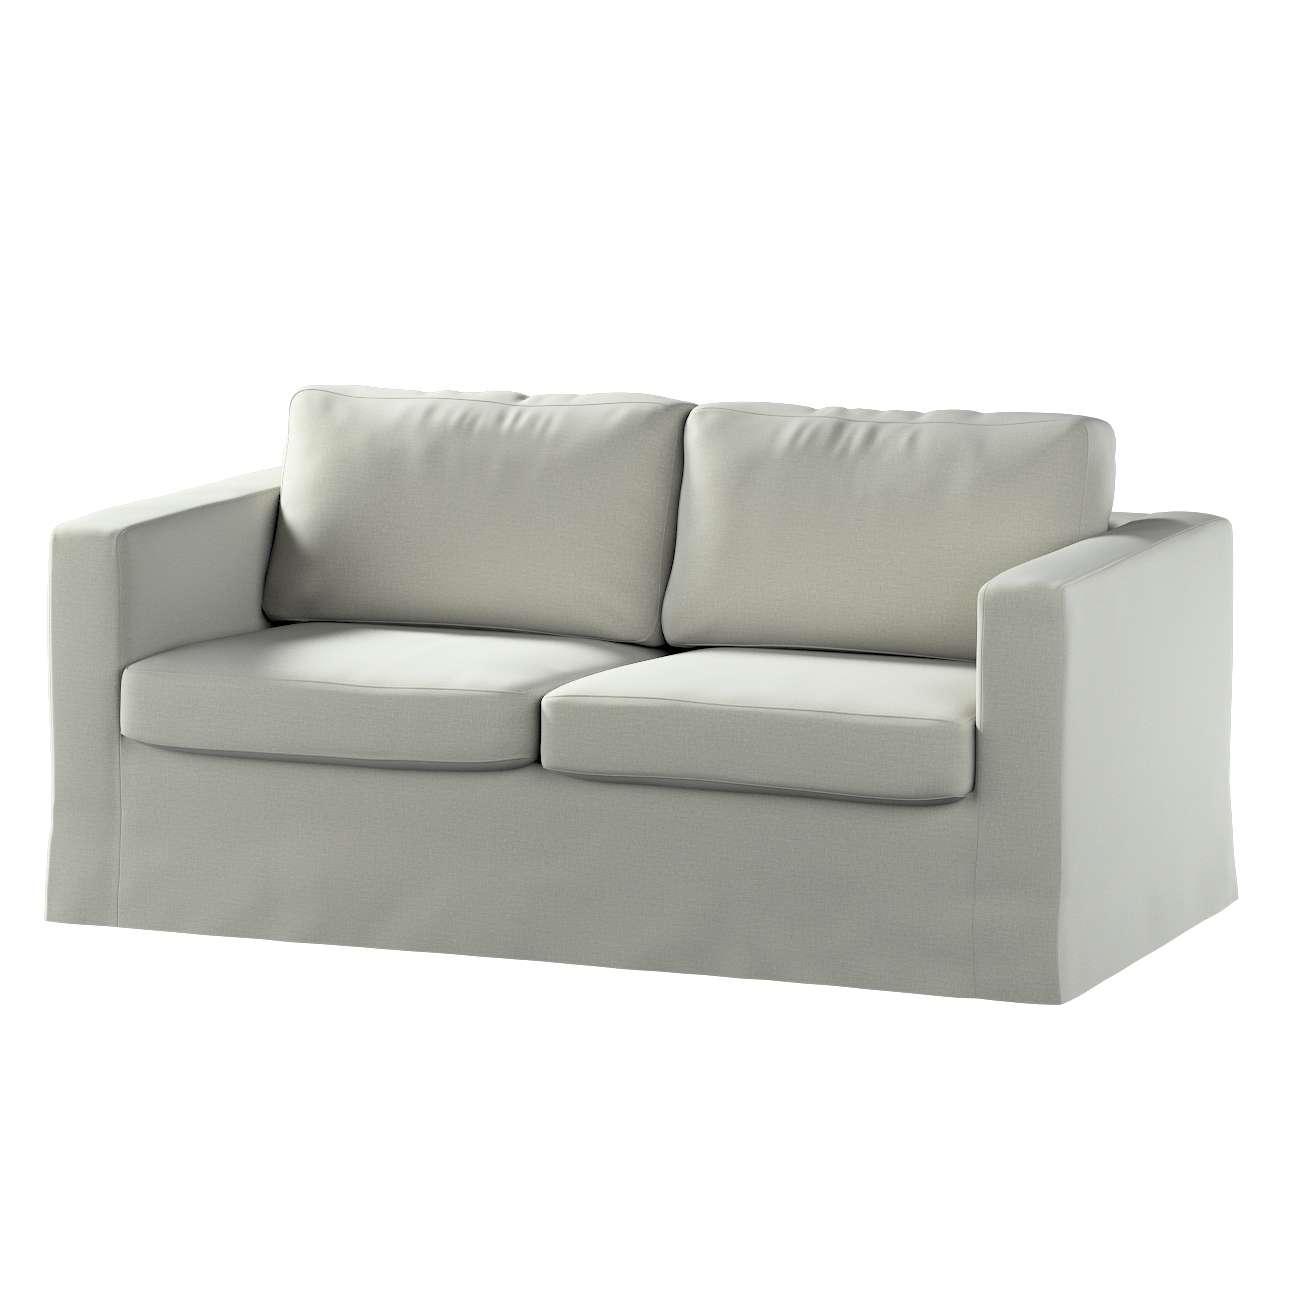 Pokrowiec na sofę Karlstad 2-osobową nierozkładaną długi w kolekcji Ingrid, tkanina: 705-41